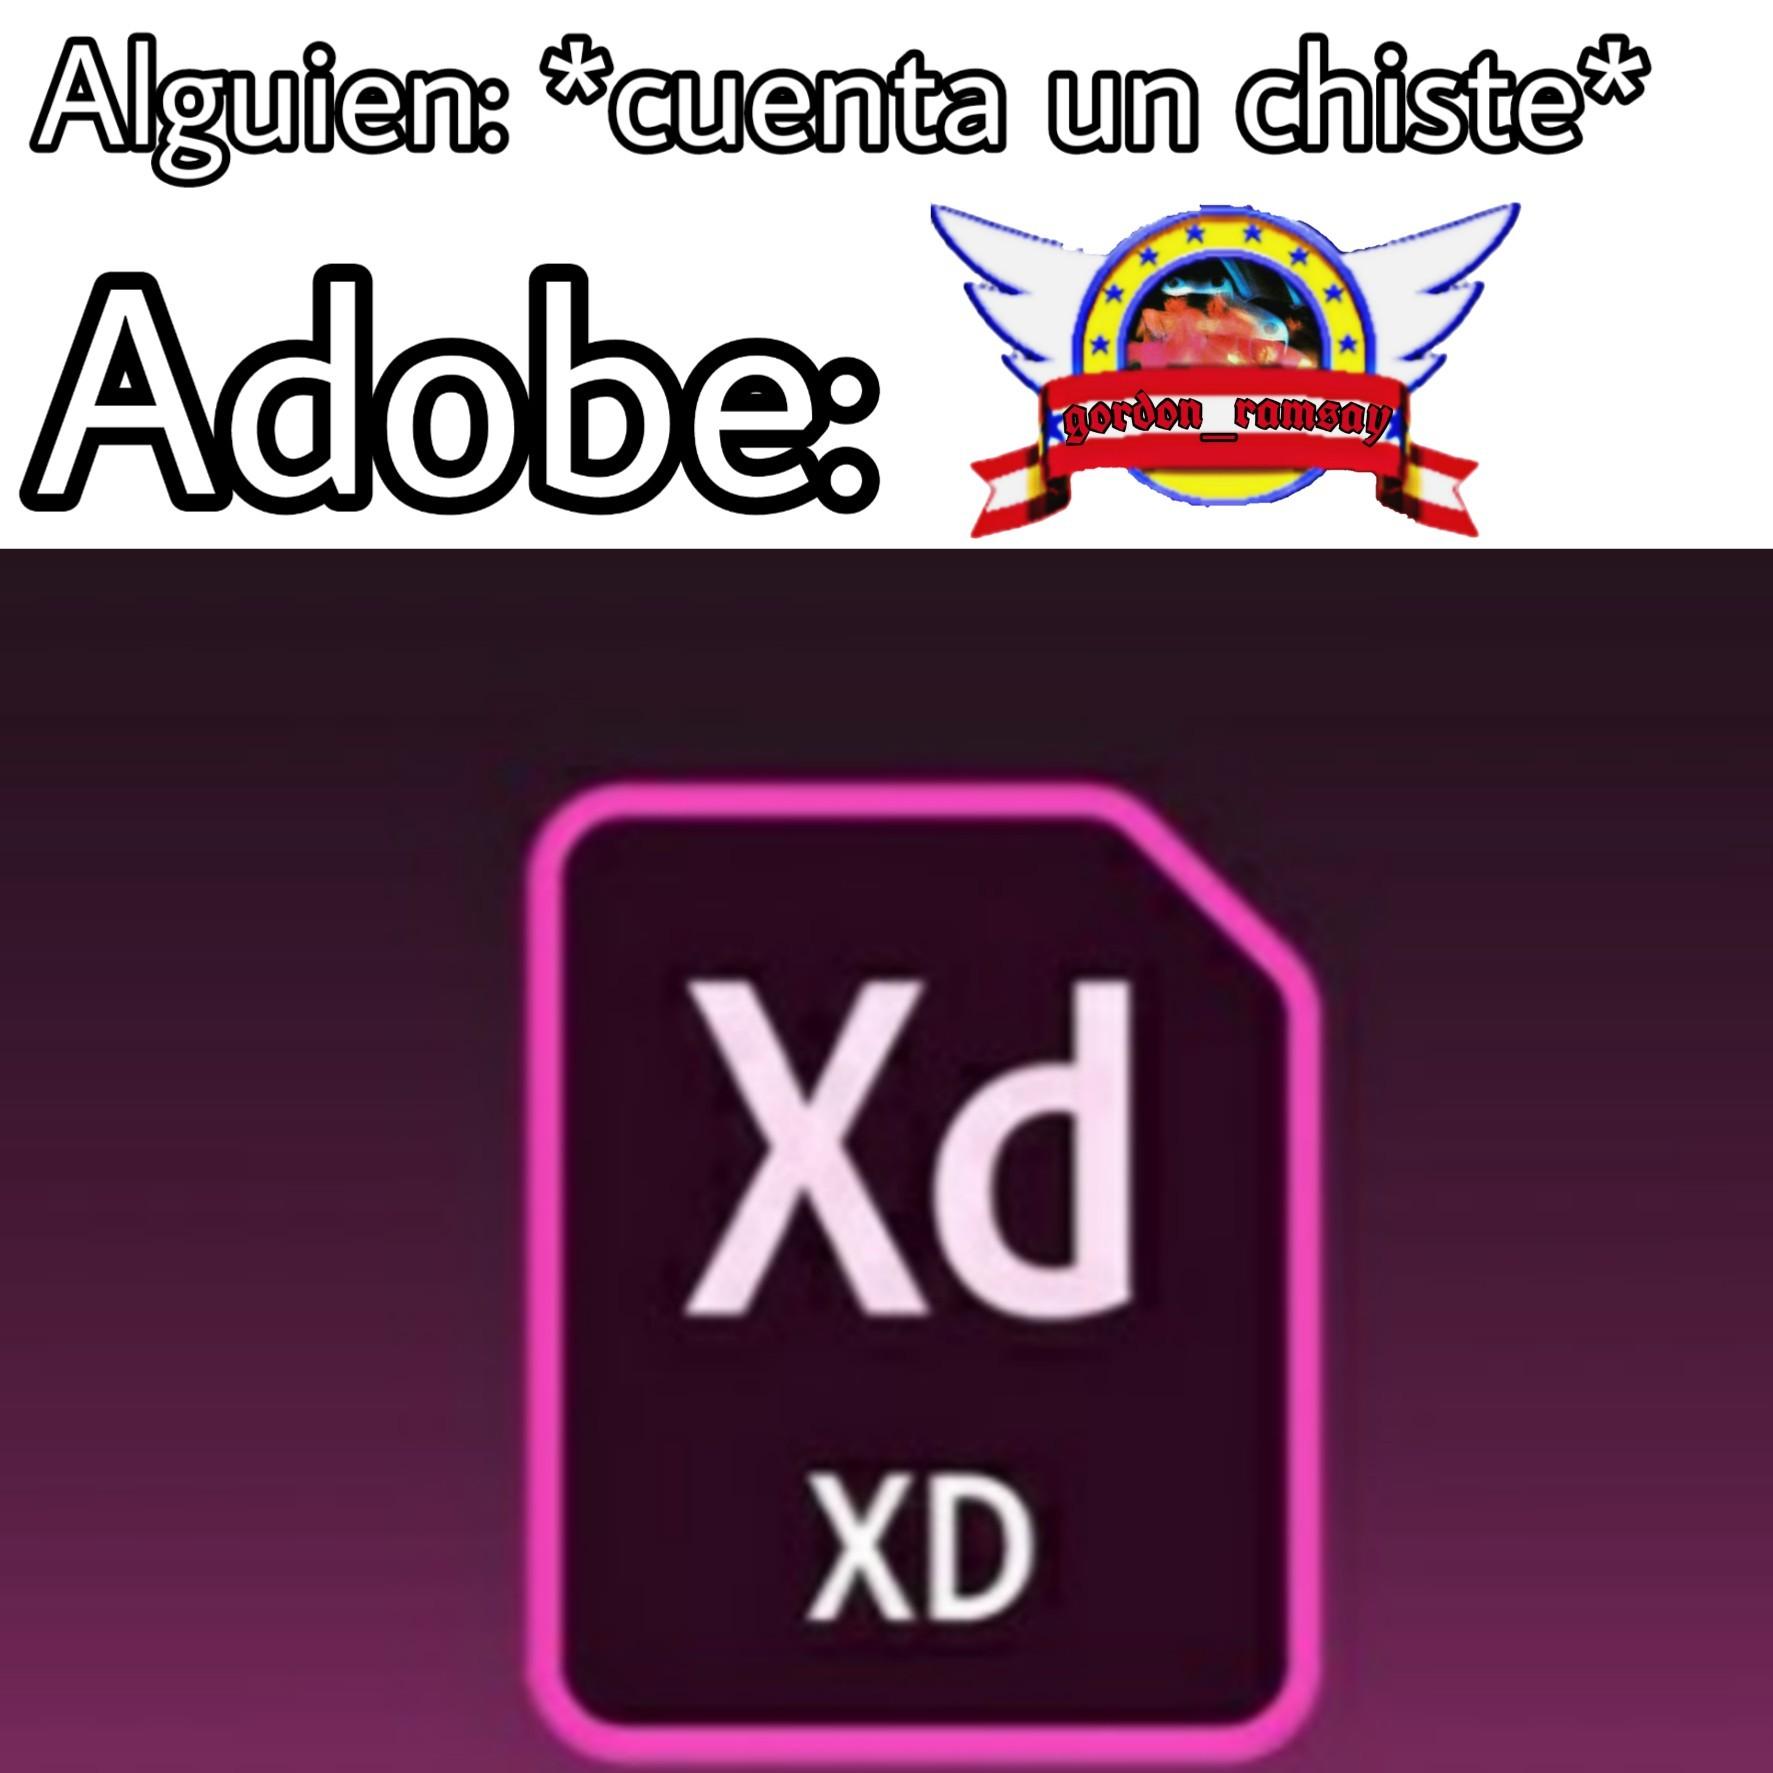 Adobe XD (? - meme